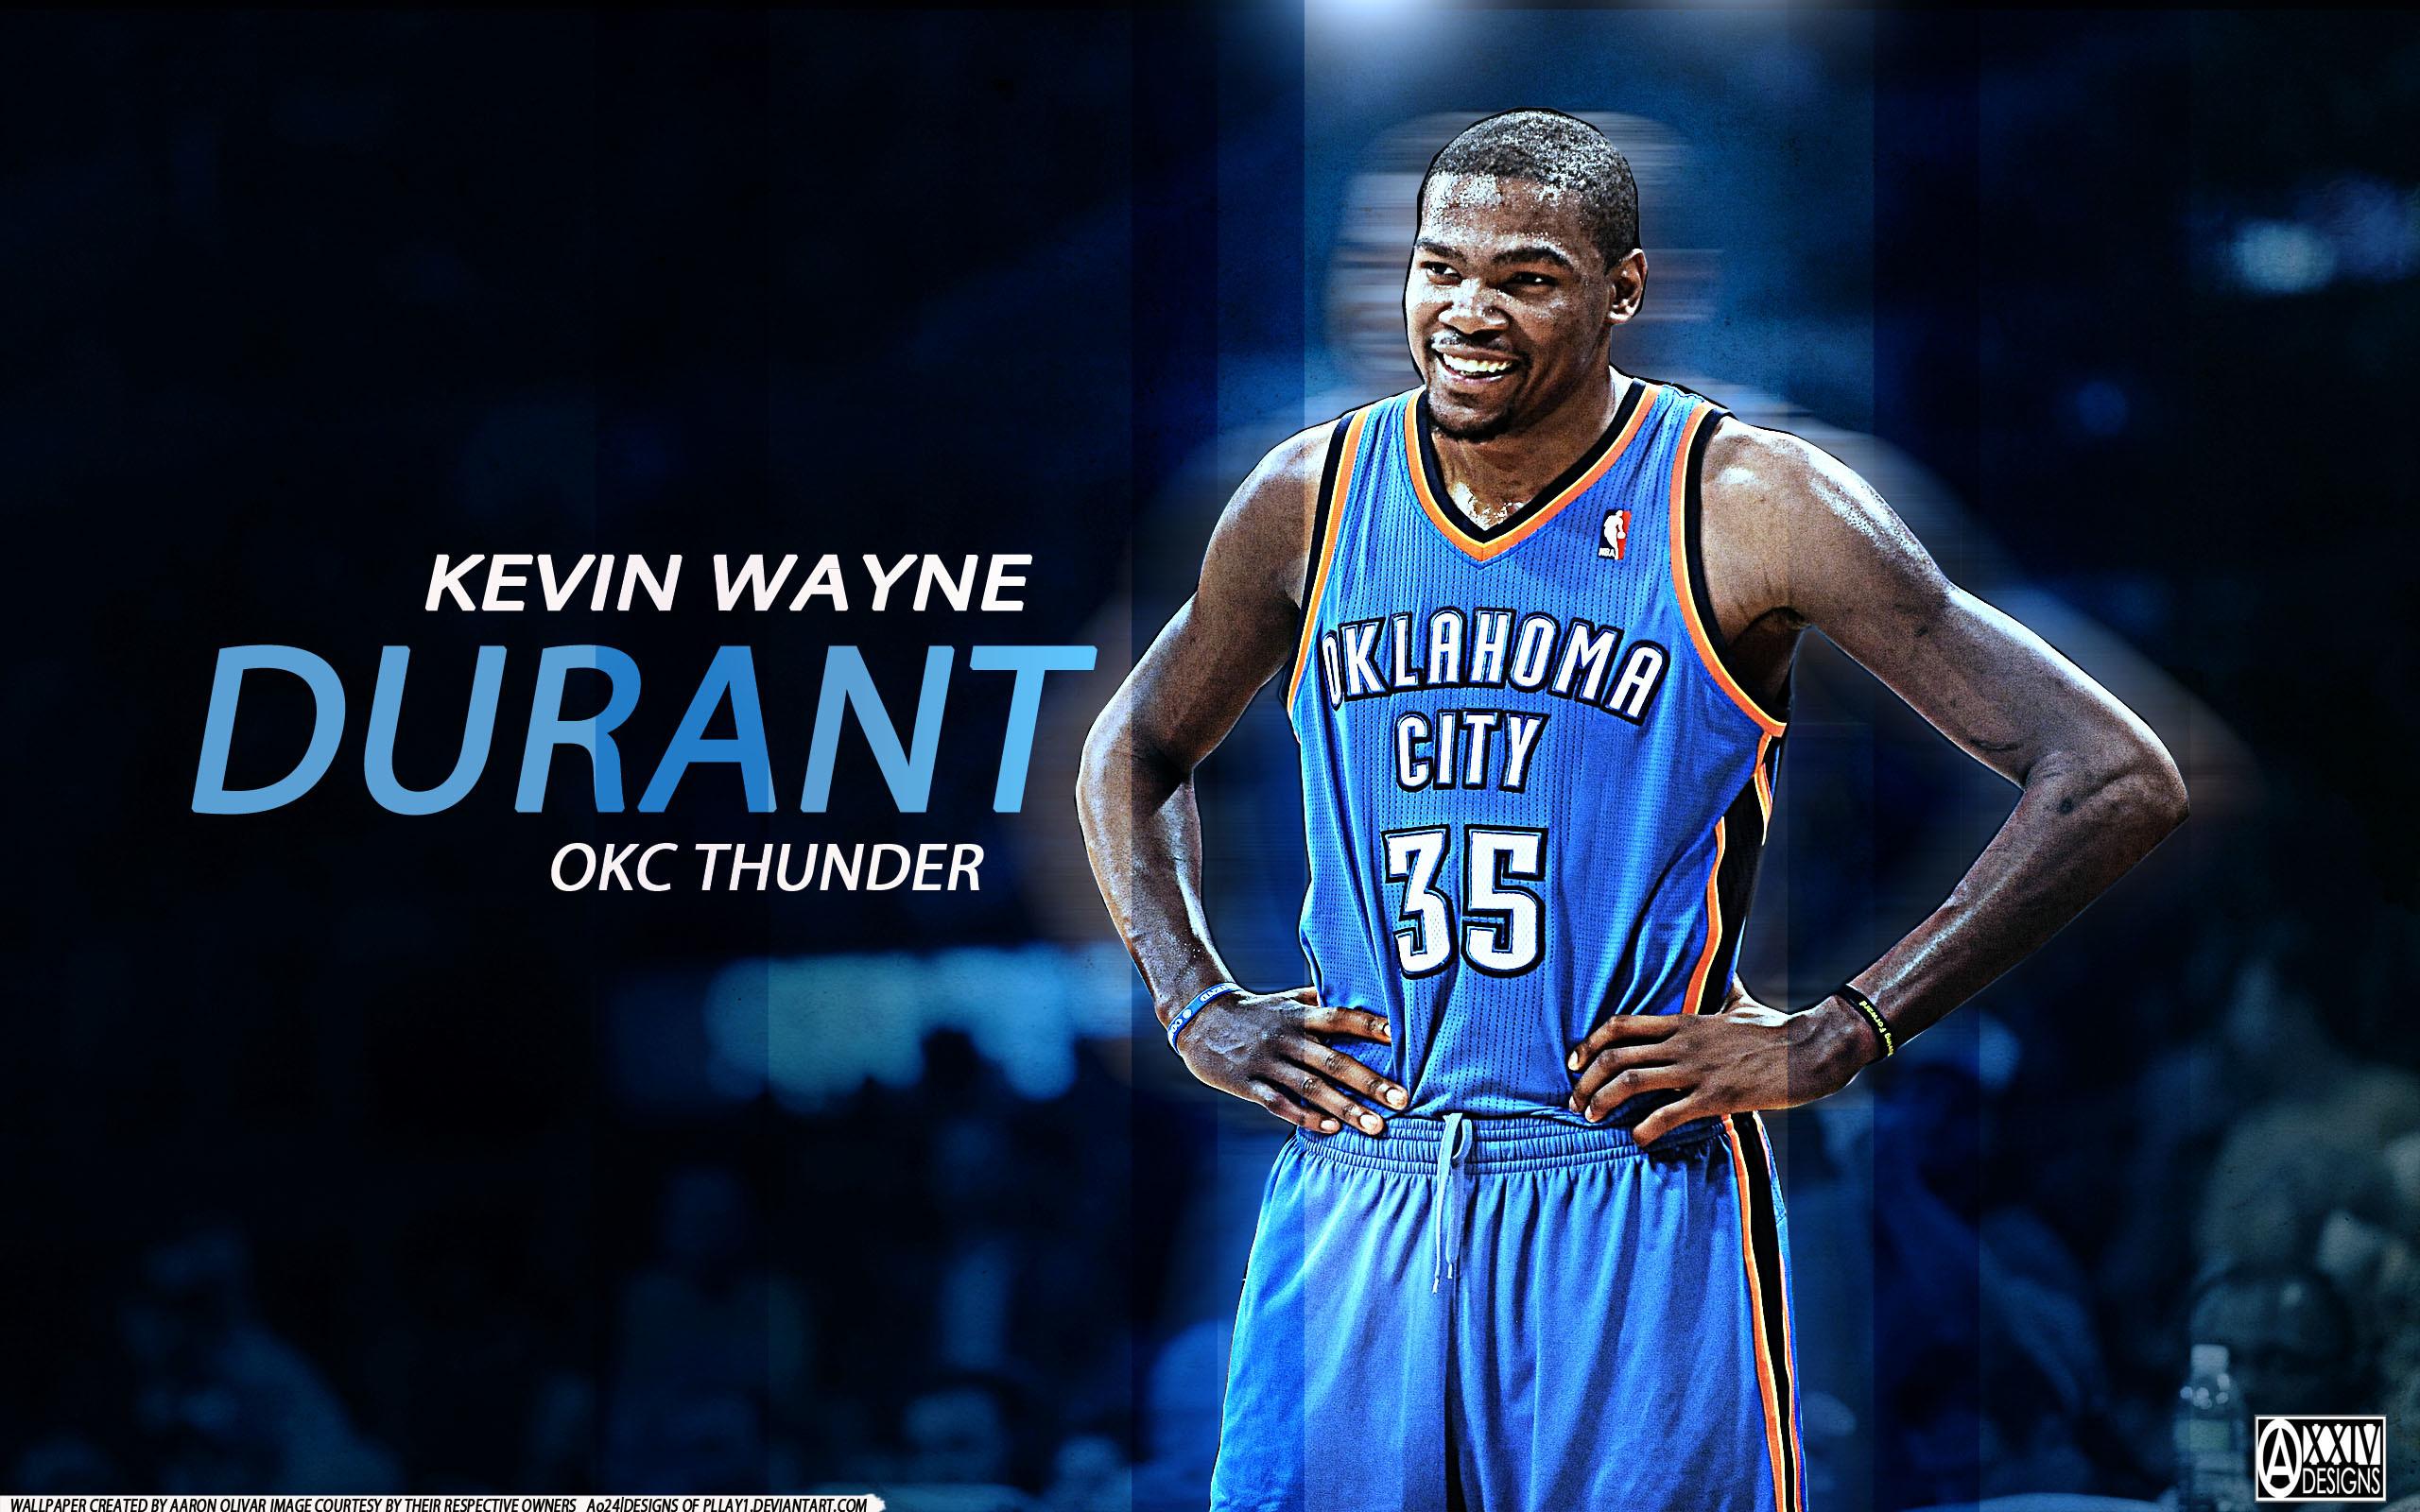 NBA Kevin Durant IphoneIpod Wallpaper NBA WALLPAPERS | HD Wallpapers |  Pinterest | Kevin durant and Wallpaper